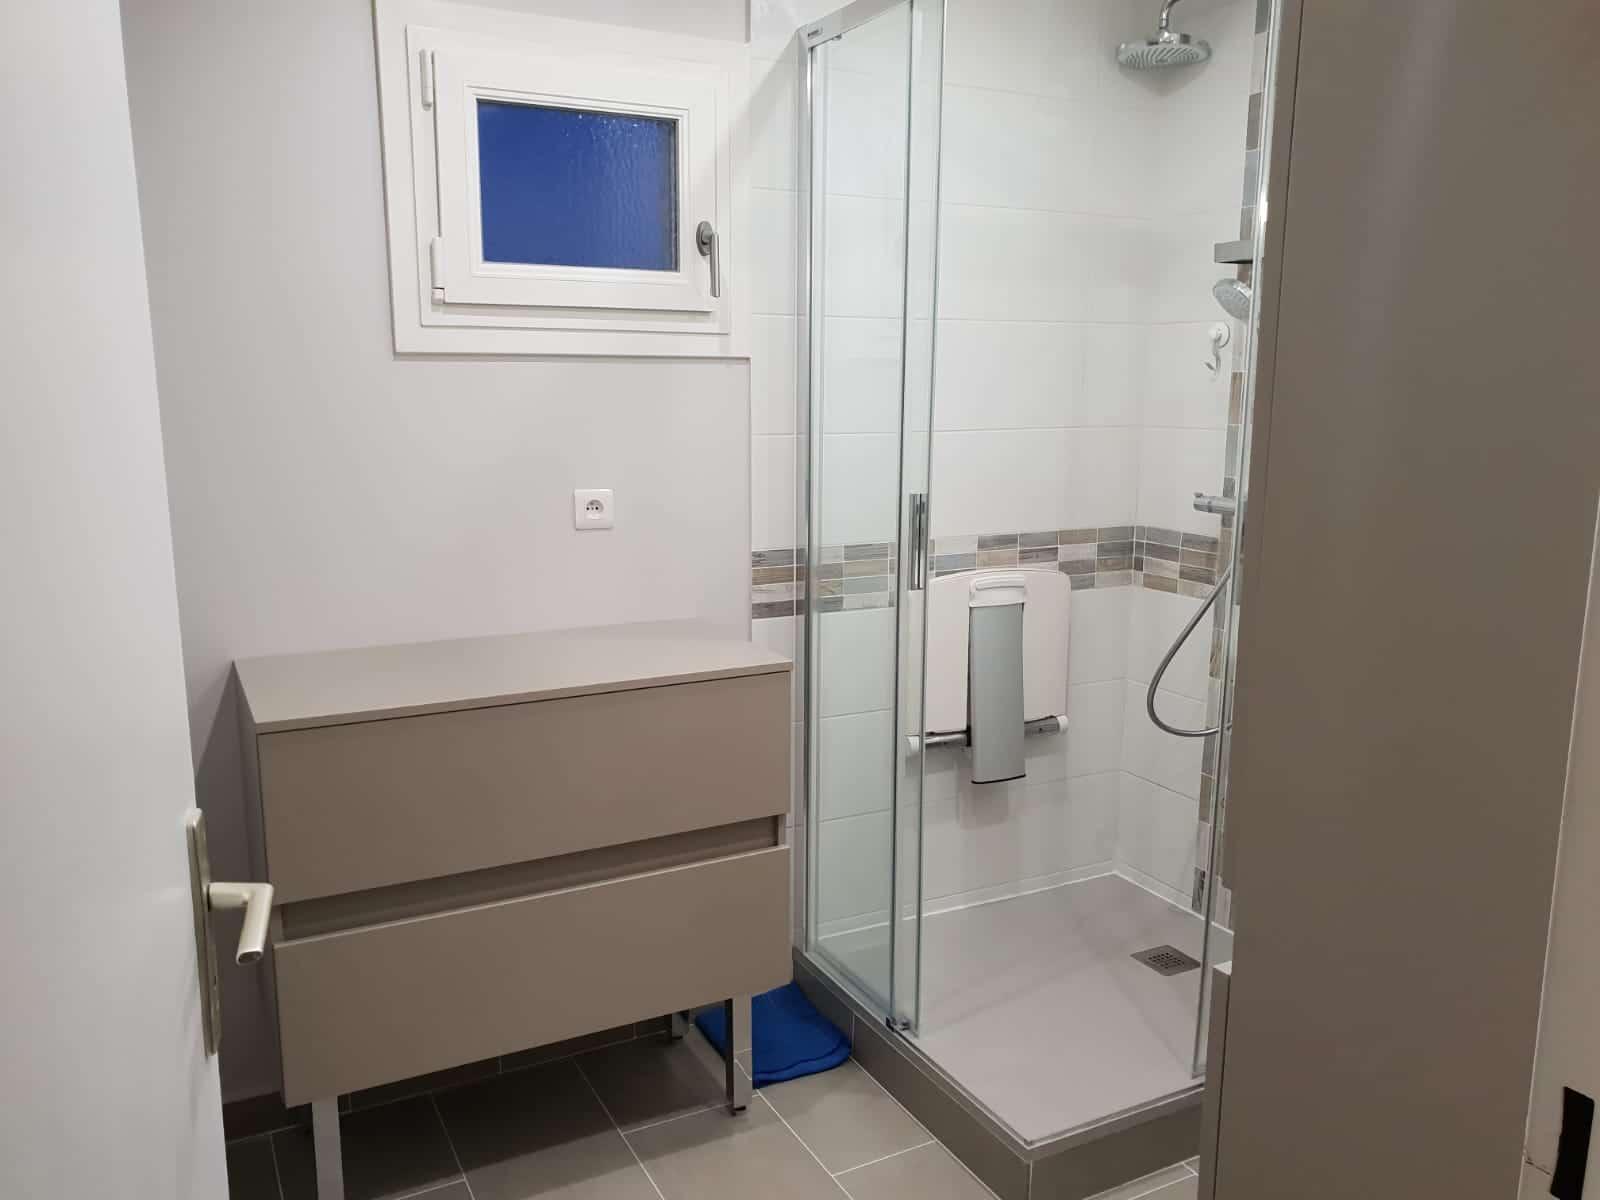 Rénovation d'une salle de bain à Aubergenville (78)